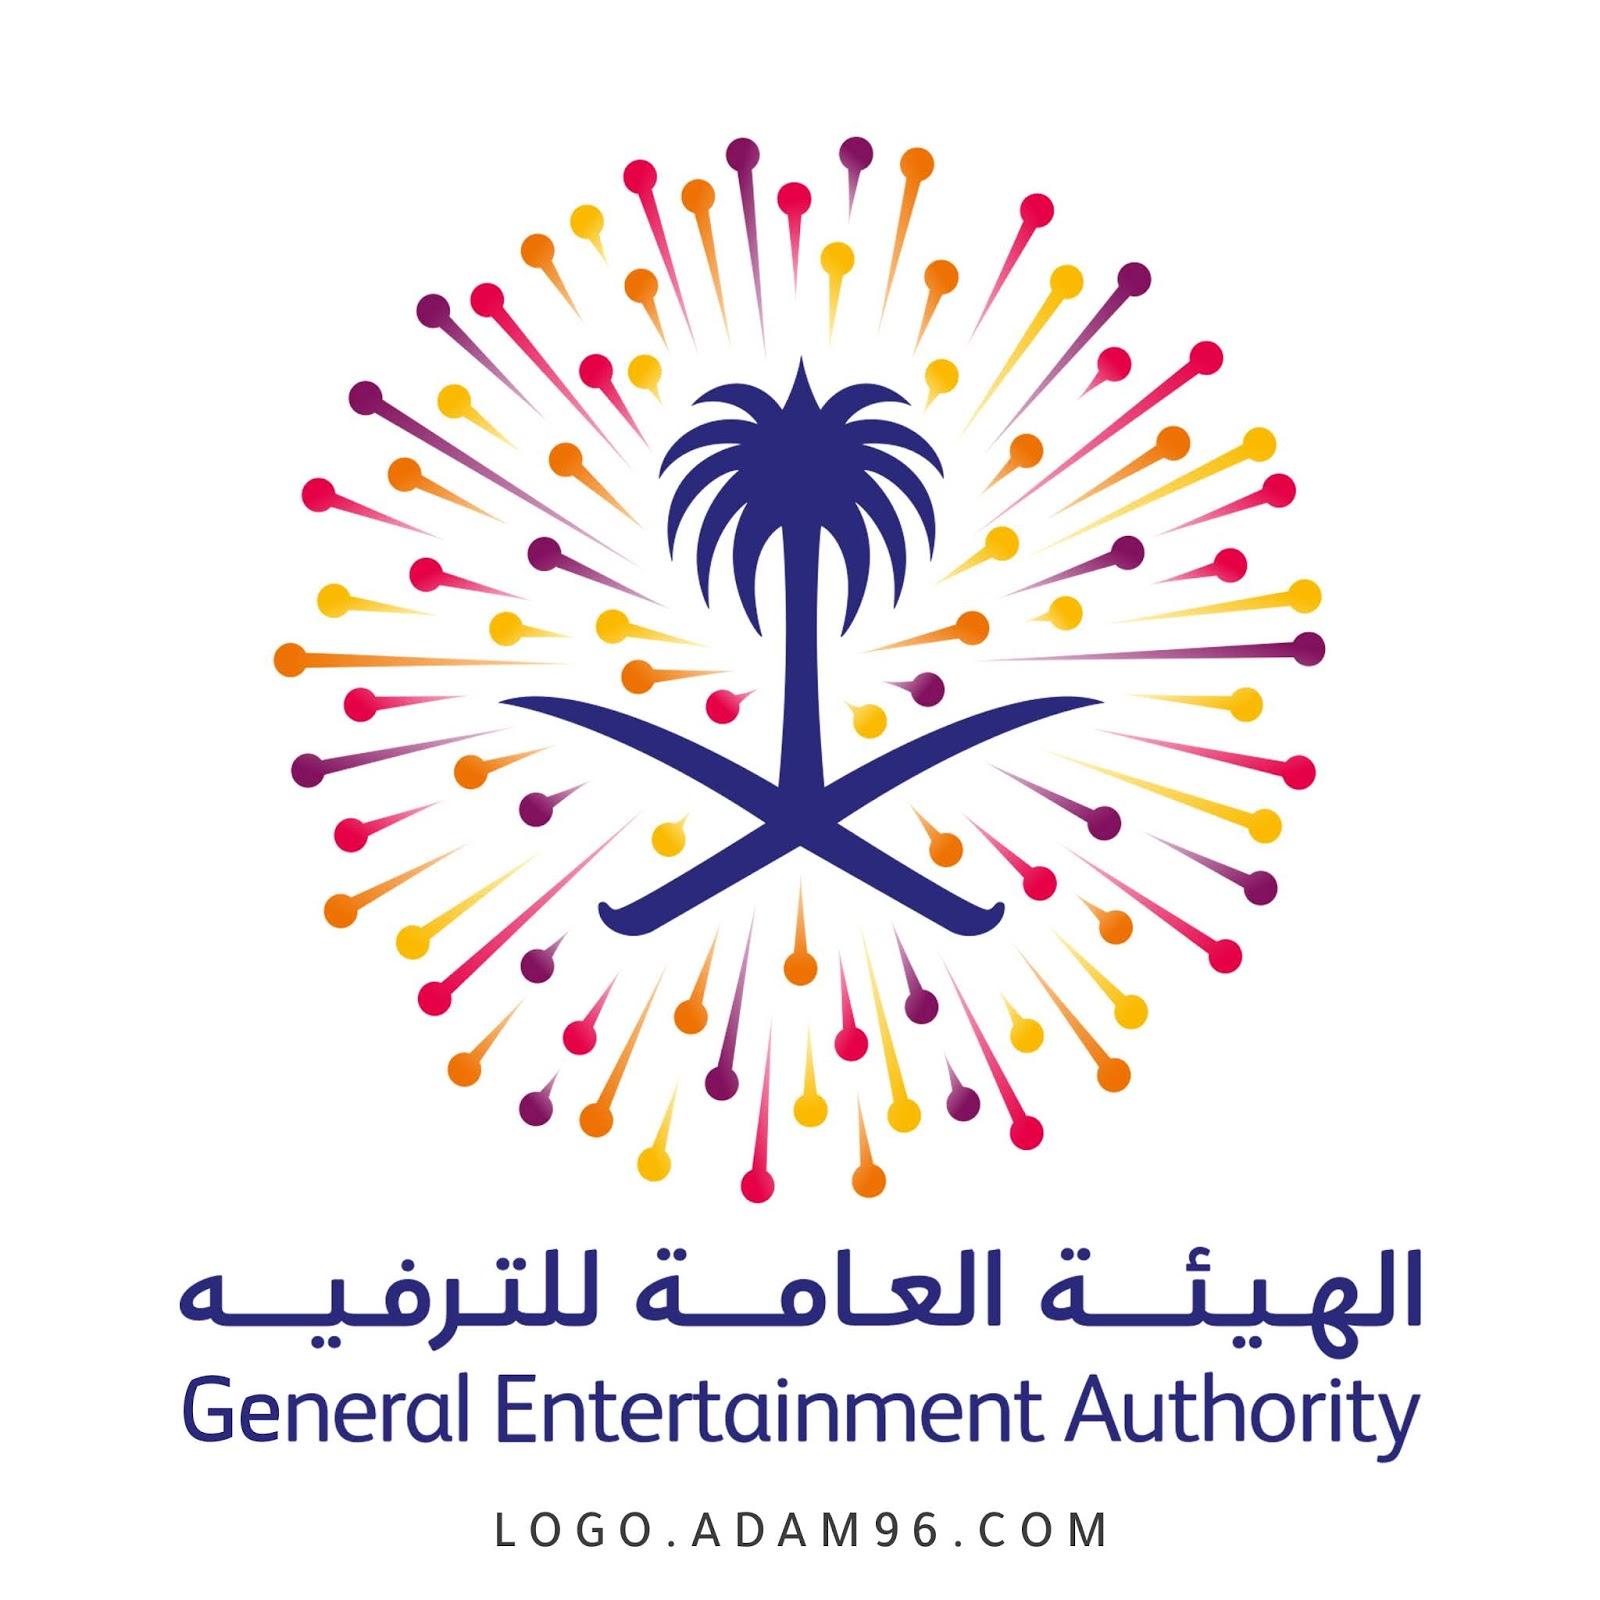 تحميل شعار الهيئة العامة للترفيه السعودية png